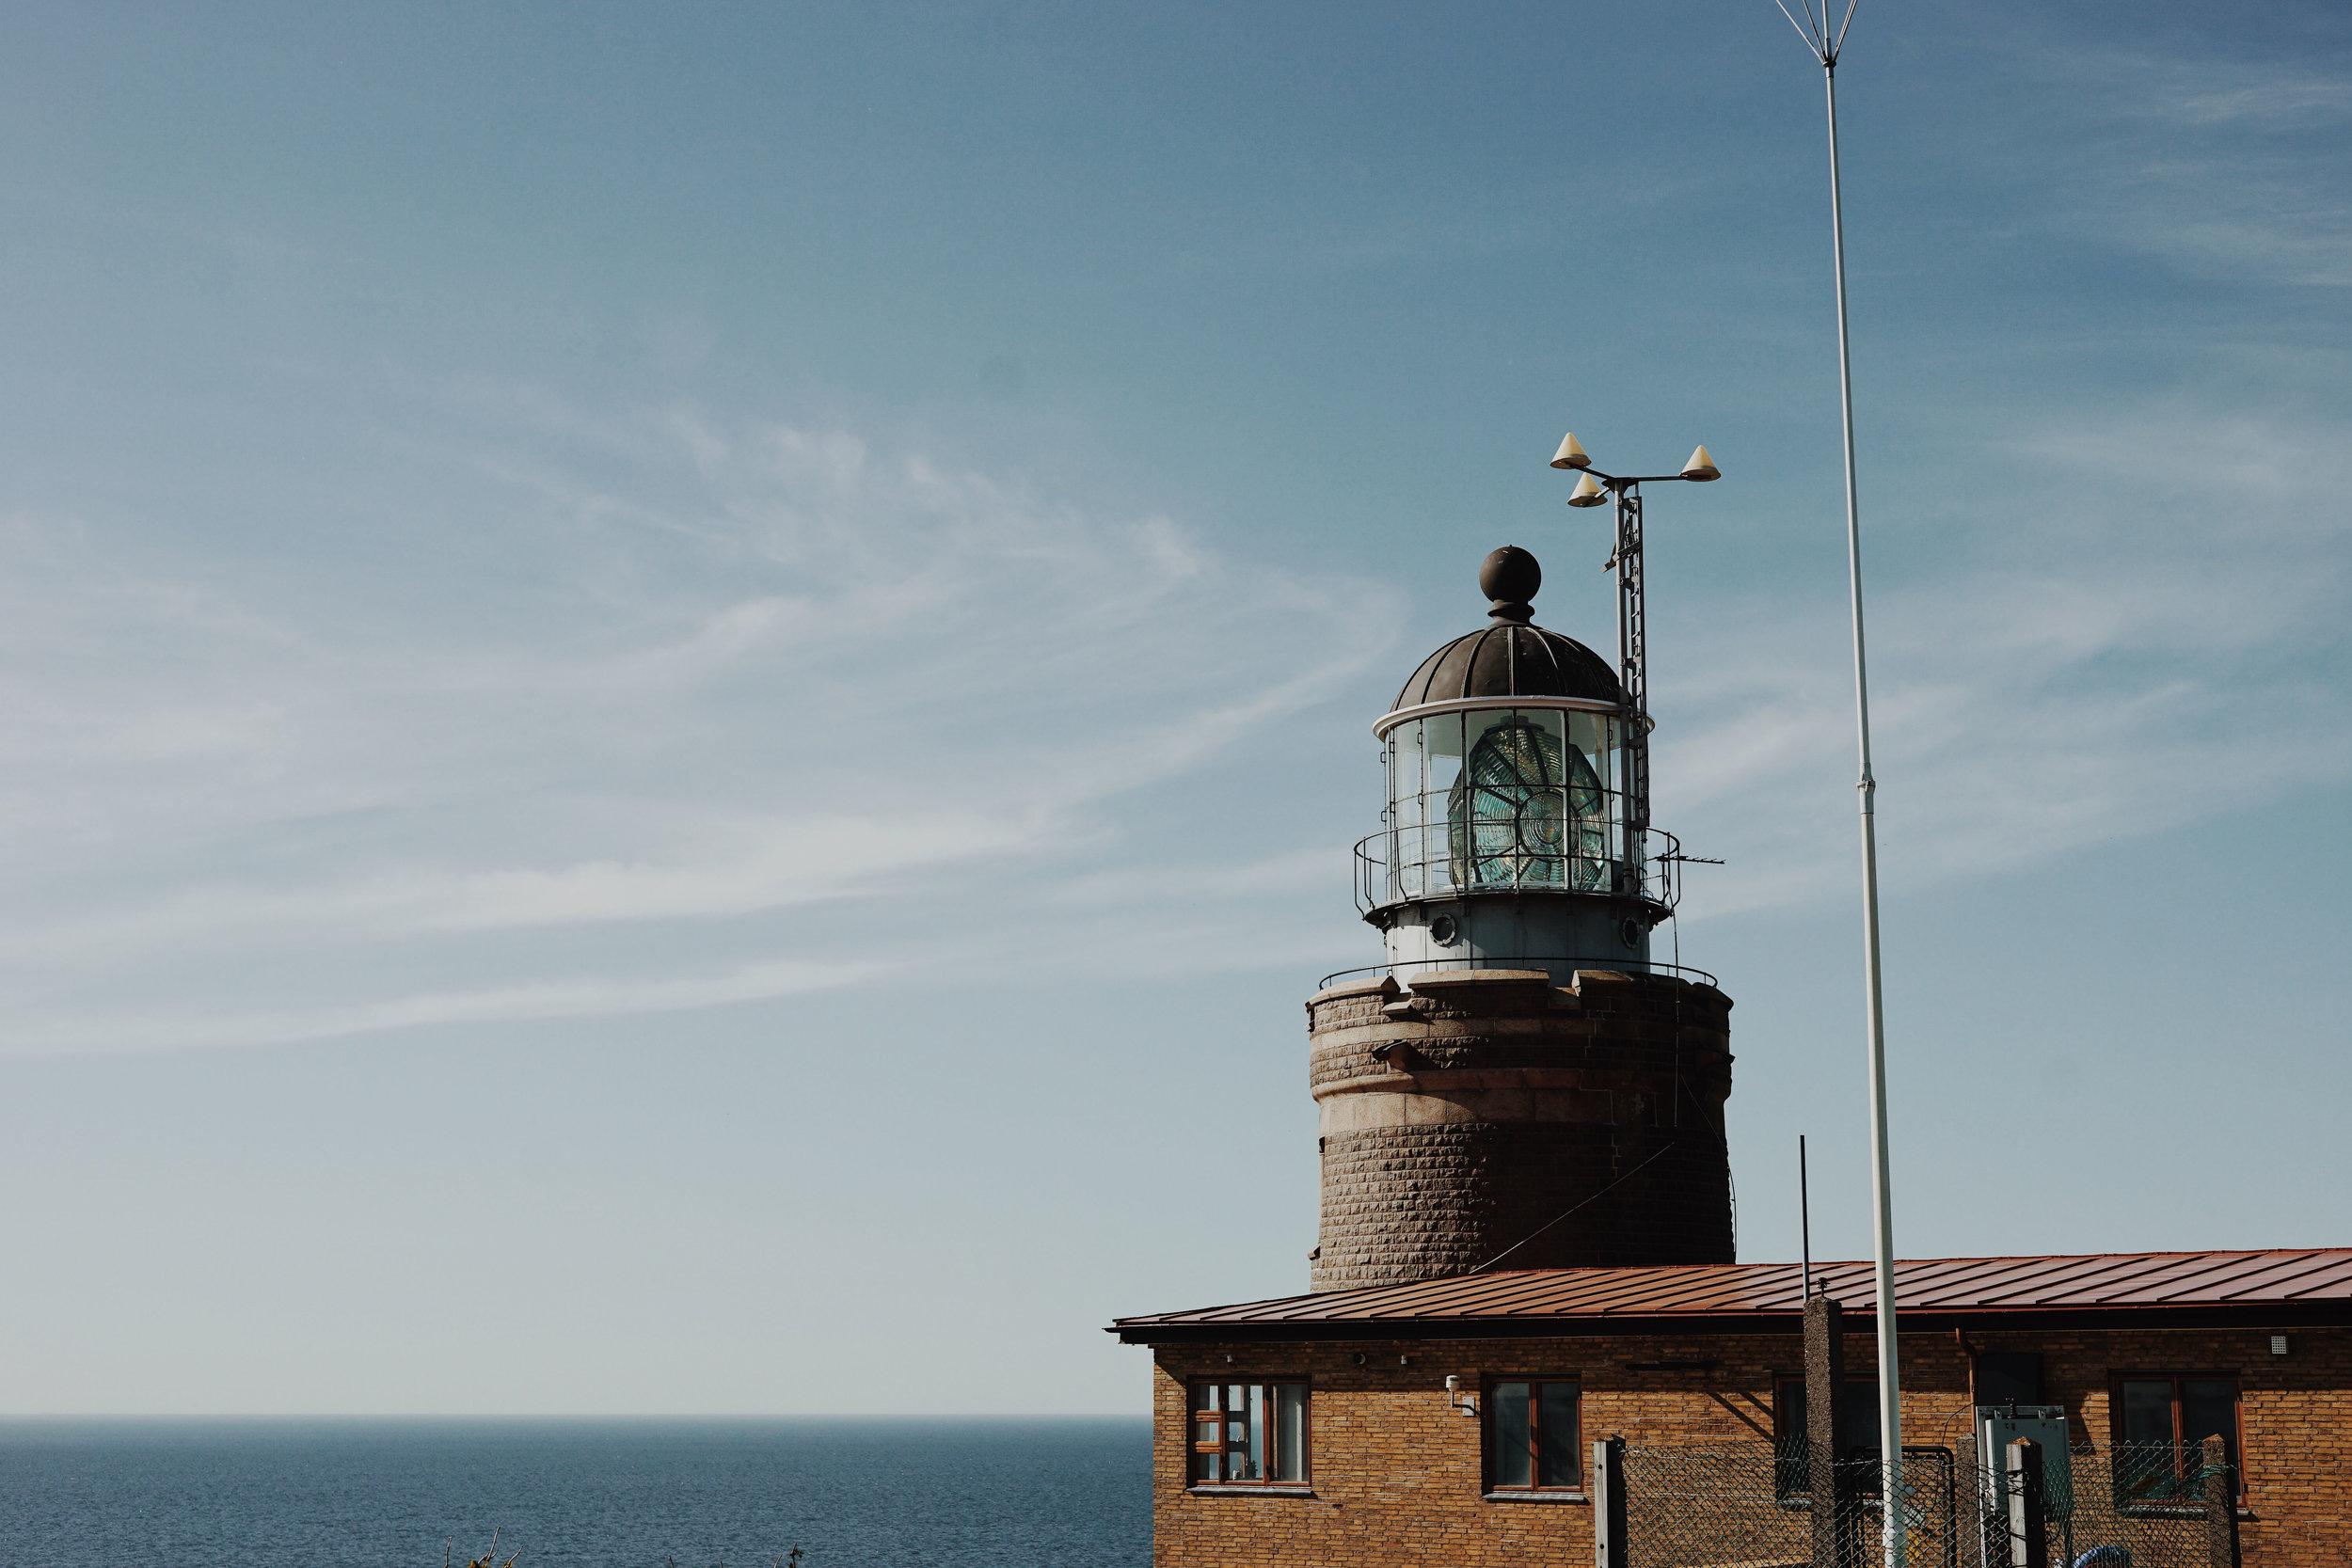 ASROSENVINGE_VisitSkane_Sweden_Molle_Kullaberg_Kullens_Fyr_Lighthouse_LowRes-126.jpg